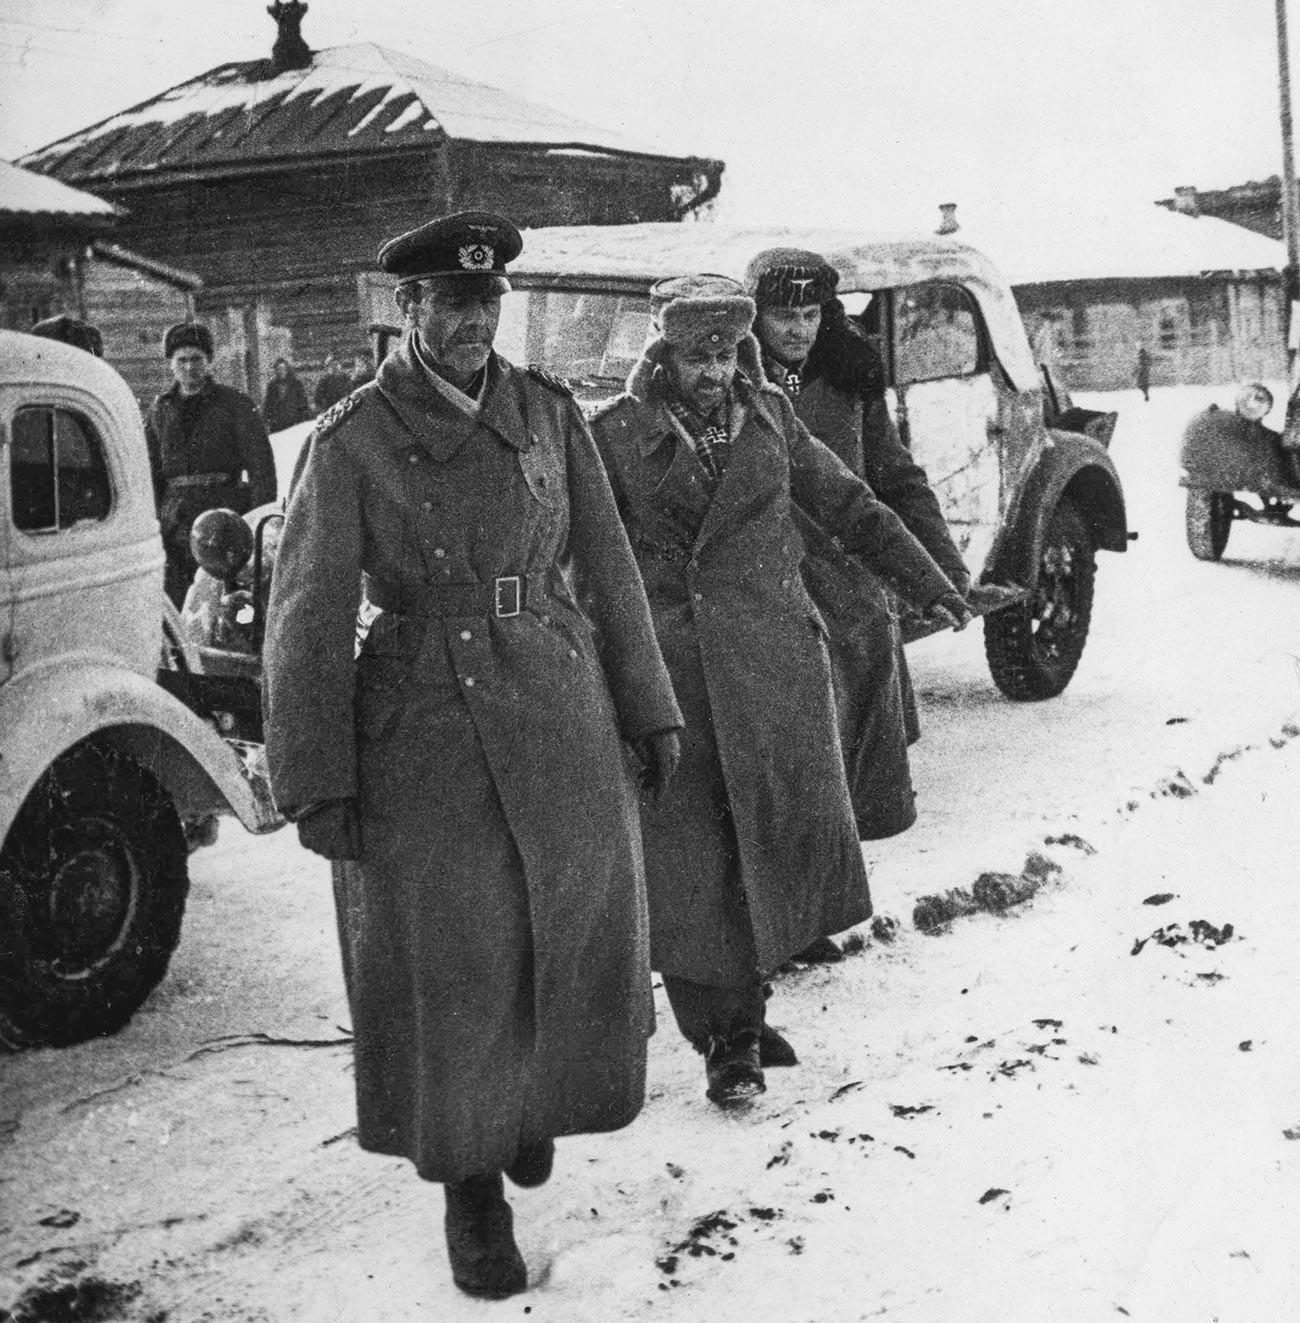 Il comandante Friedrich Paulus fatto prigioniero a Stalingrado con i suoi uomini